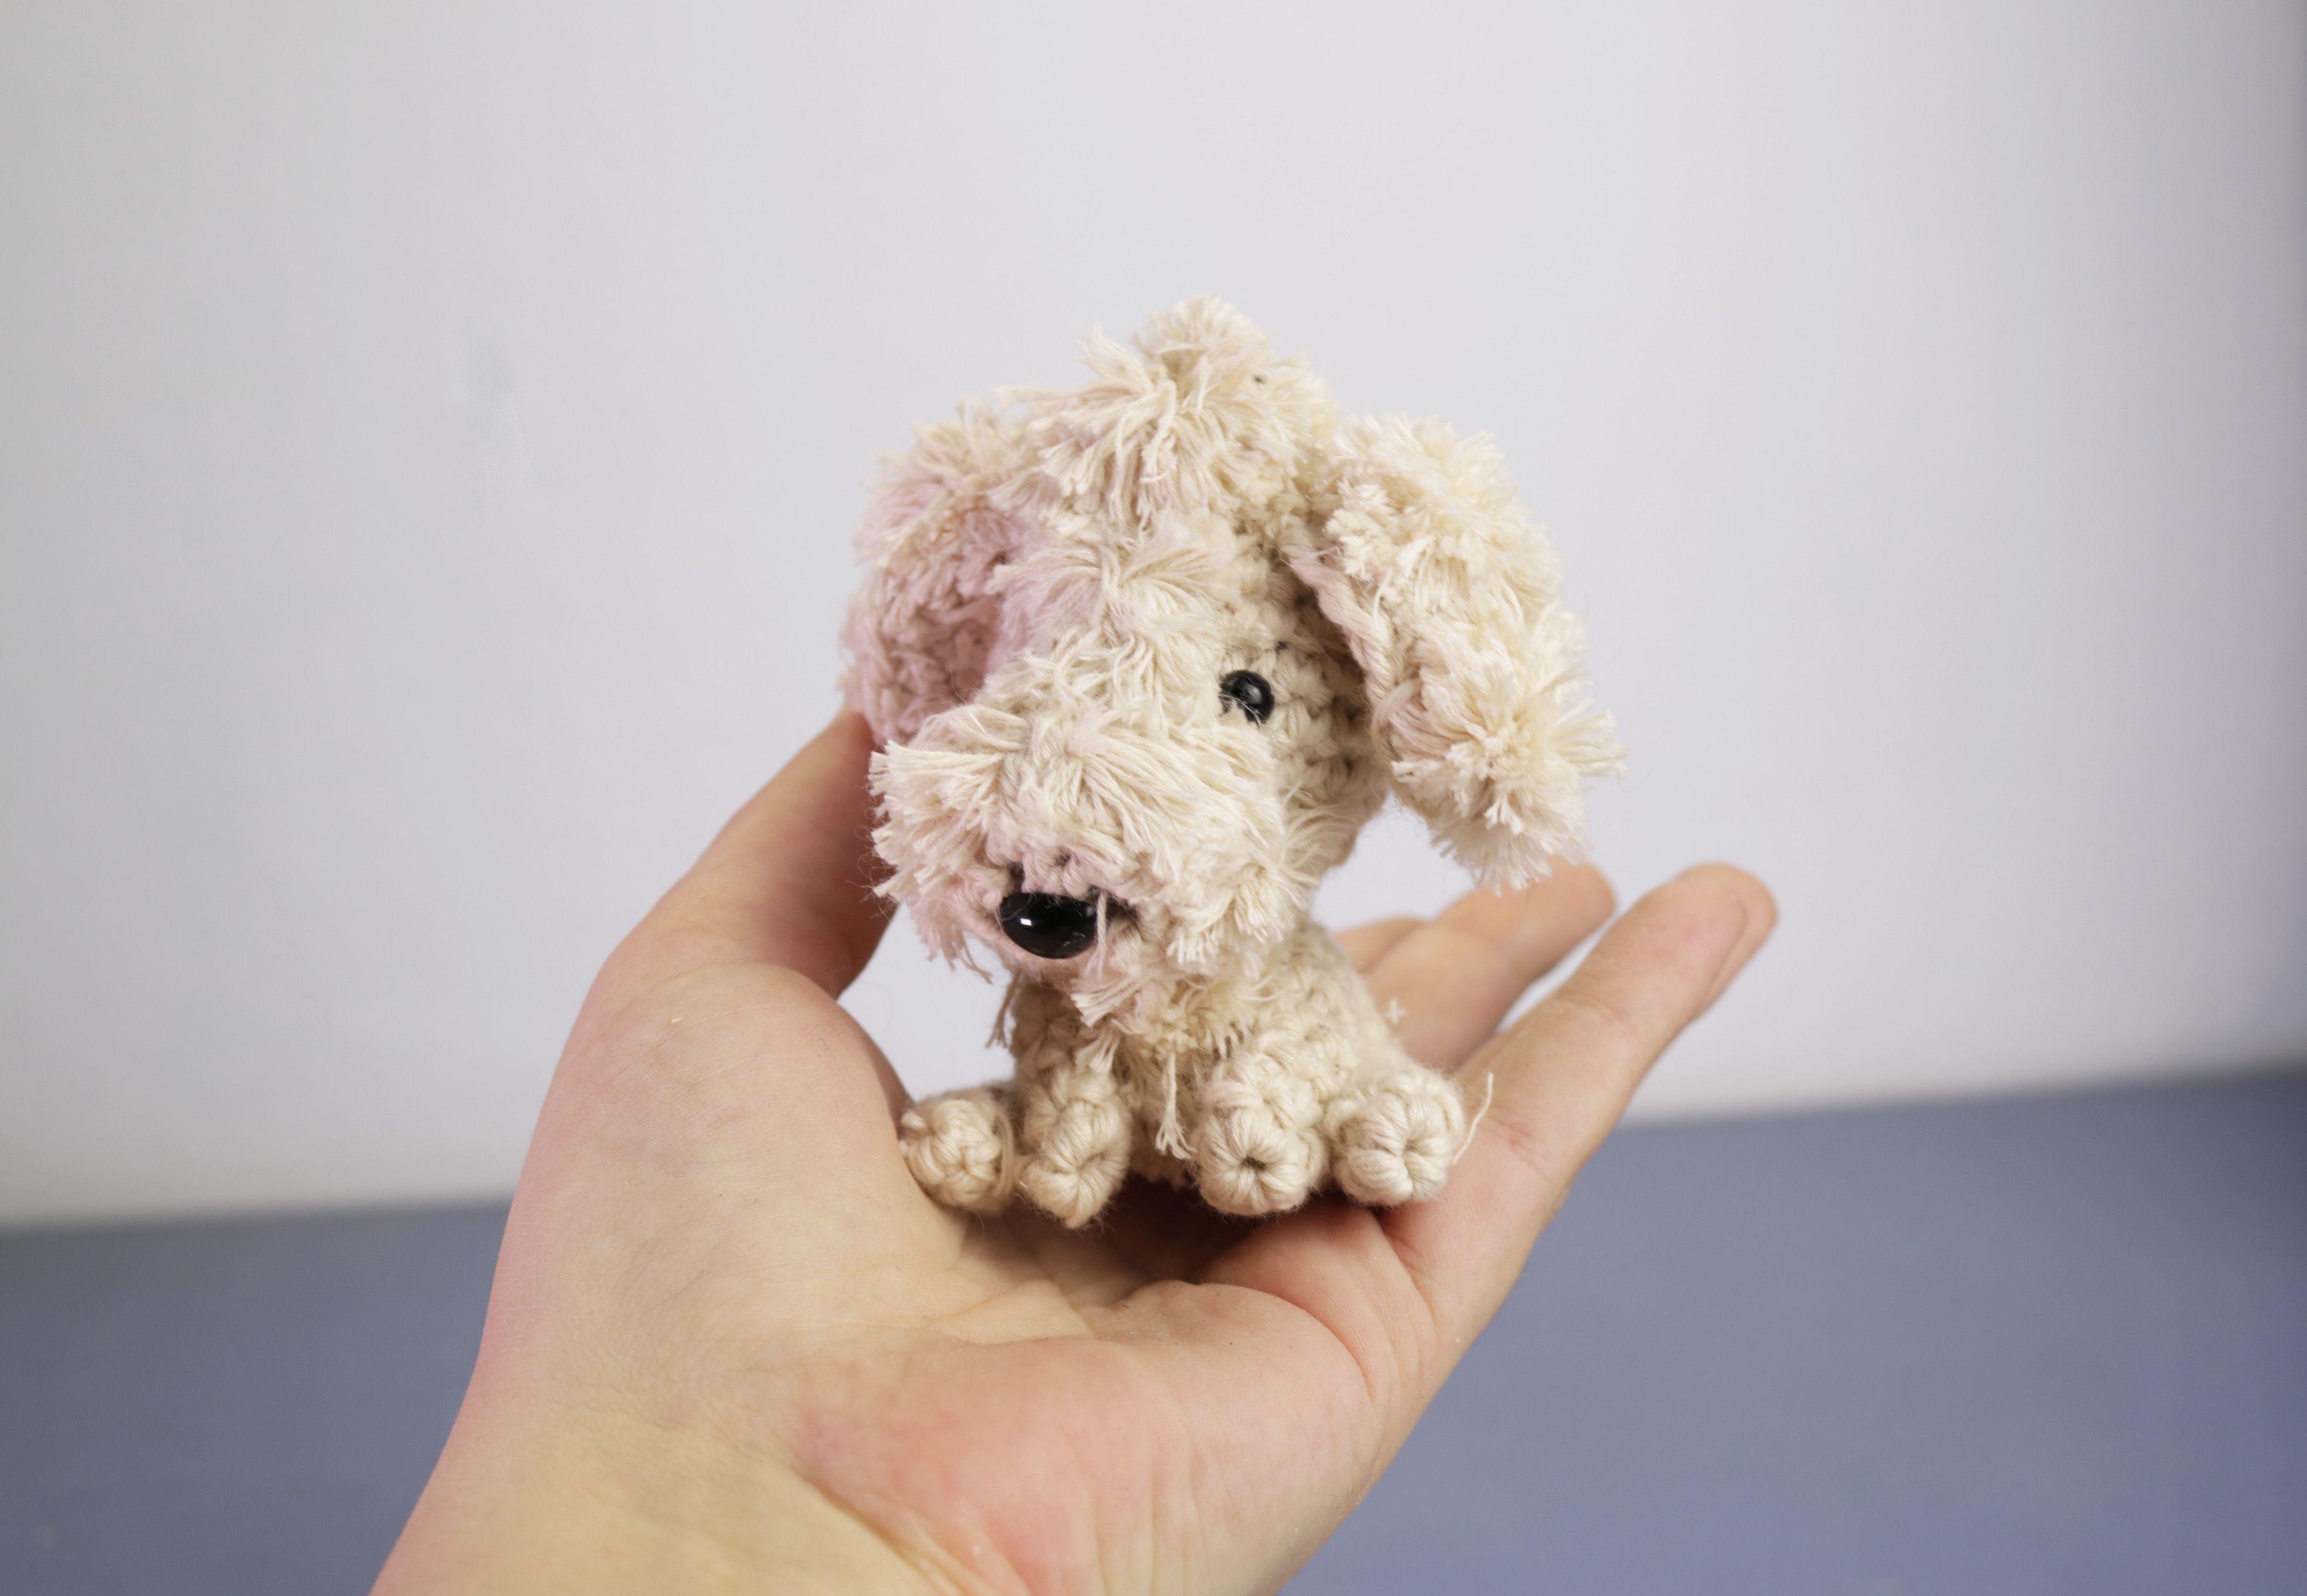 Perro con pelo pequeño amigurumi | muñecos | Pinterest | Pequeños ...